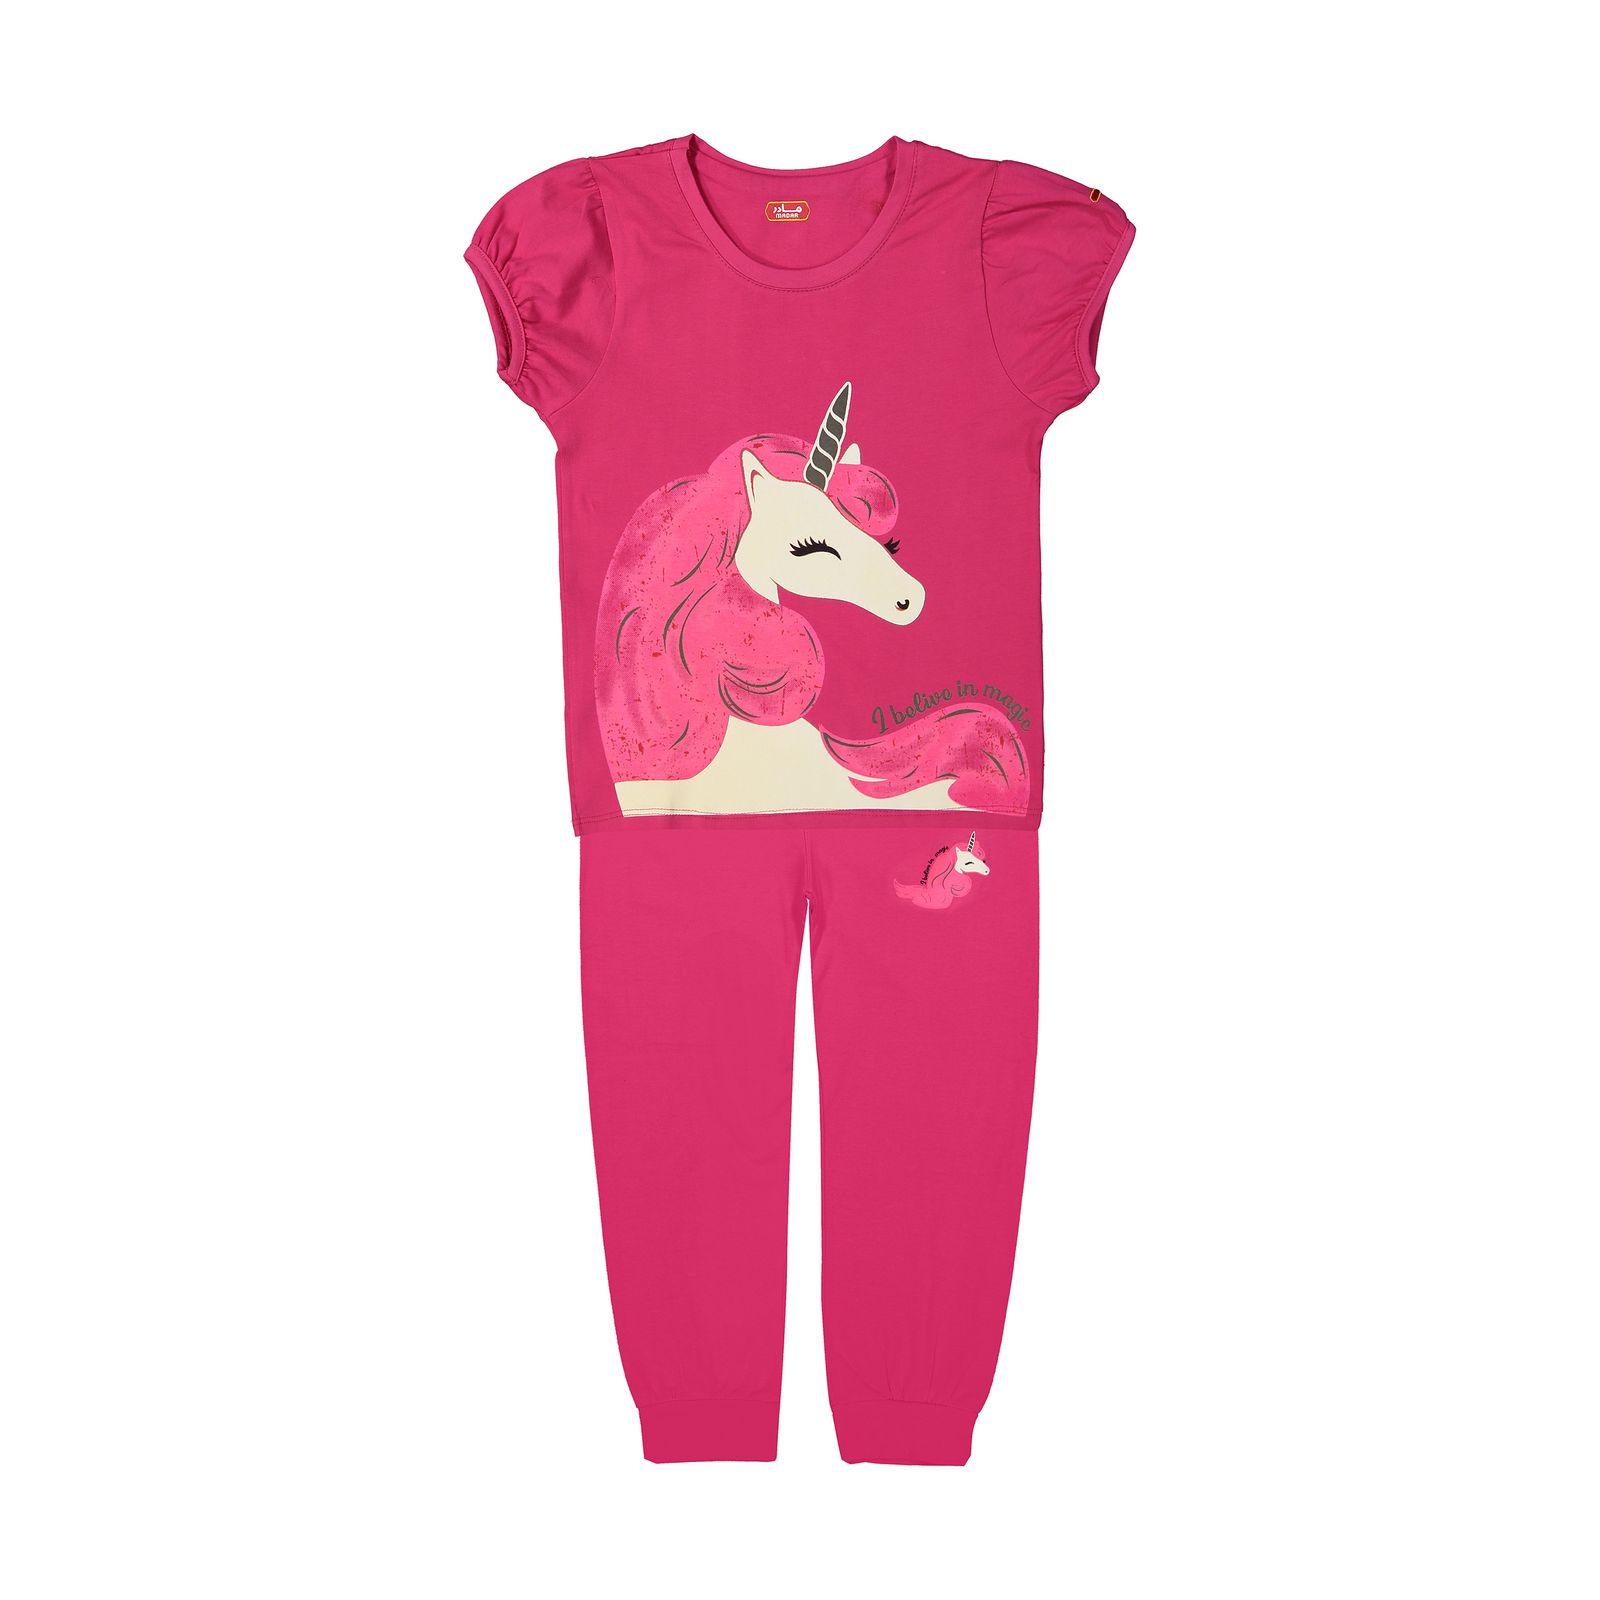 ست تی شرت و شلوار دخترانه مادر مدل 2041104-66 -  - 2